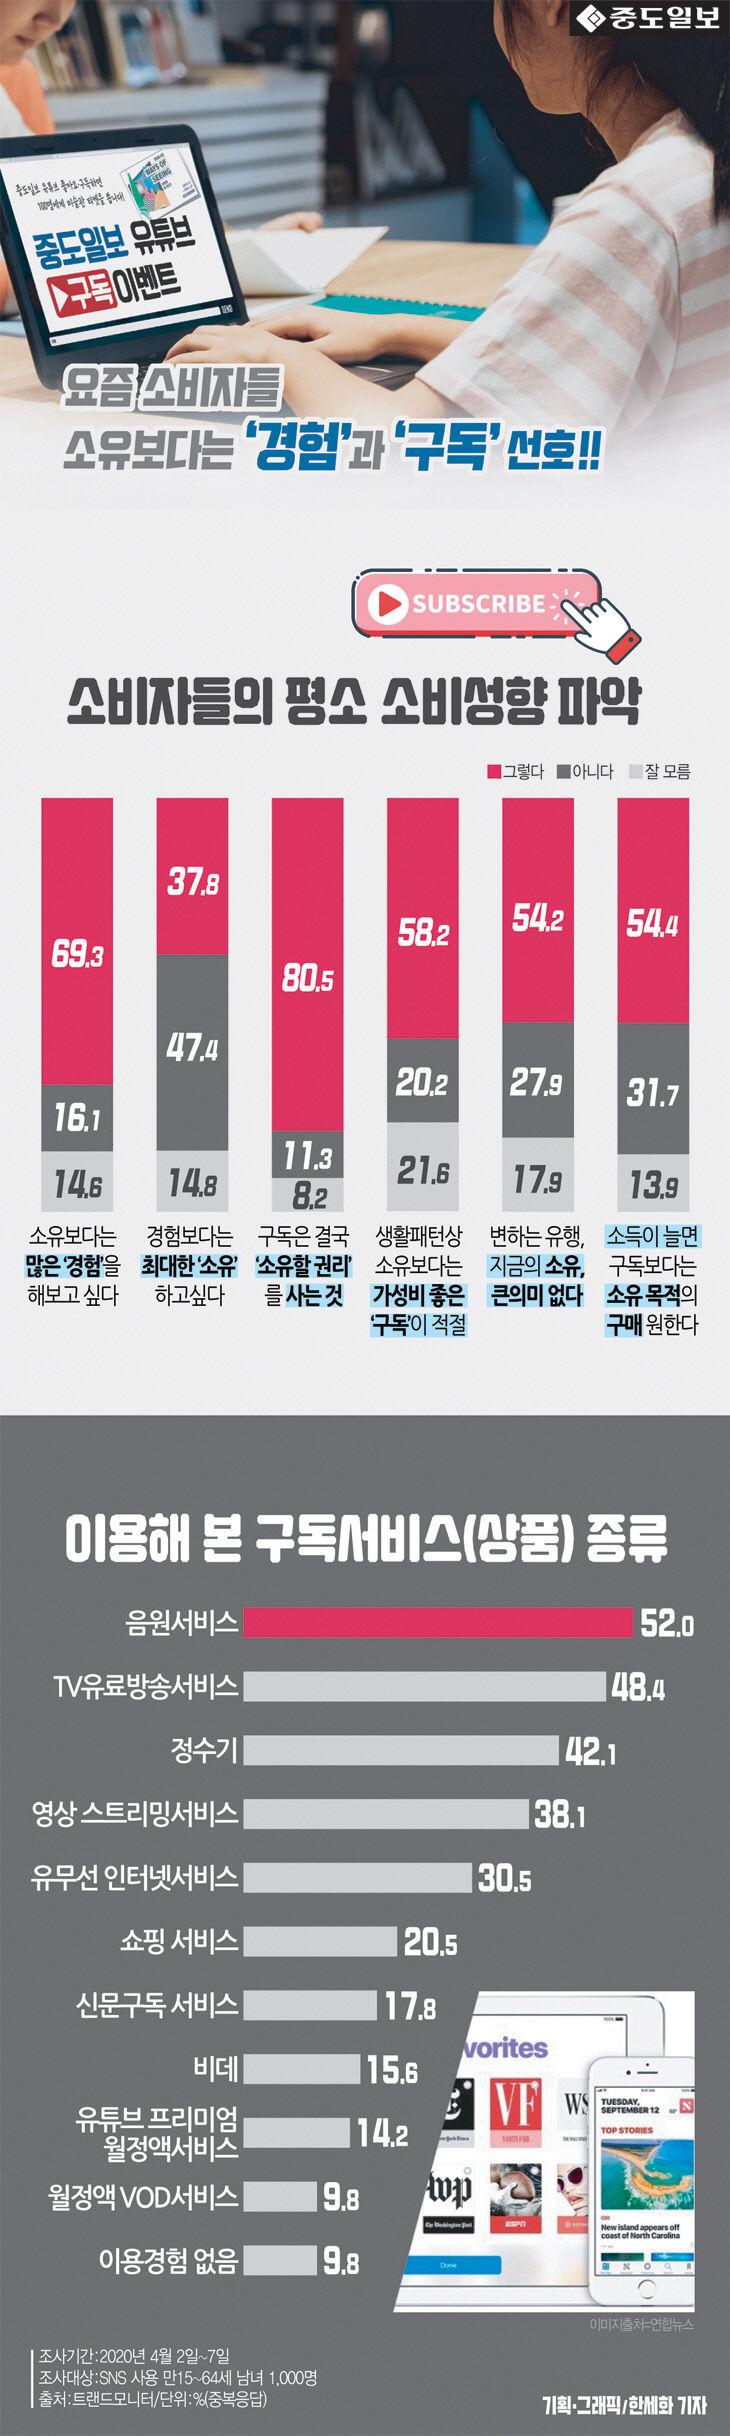 [인포그래픽] 일상 속 파고든 `구독경제` 호감형 소비성향으로 퍼져... 이용해 본 구독서..